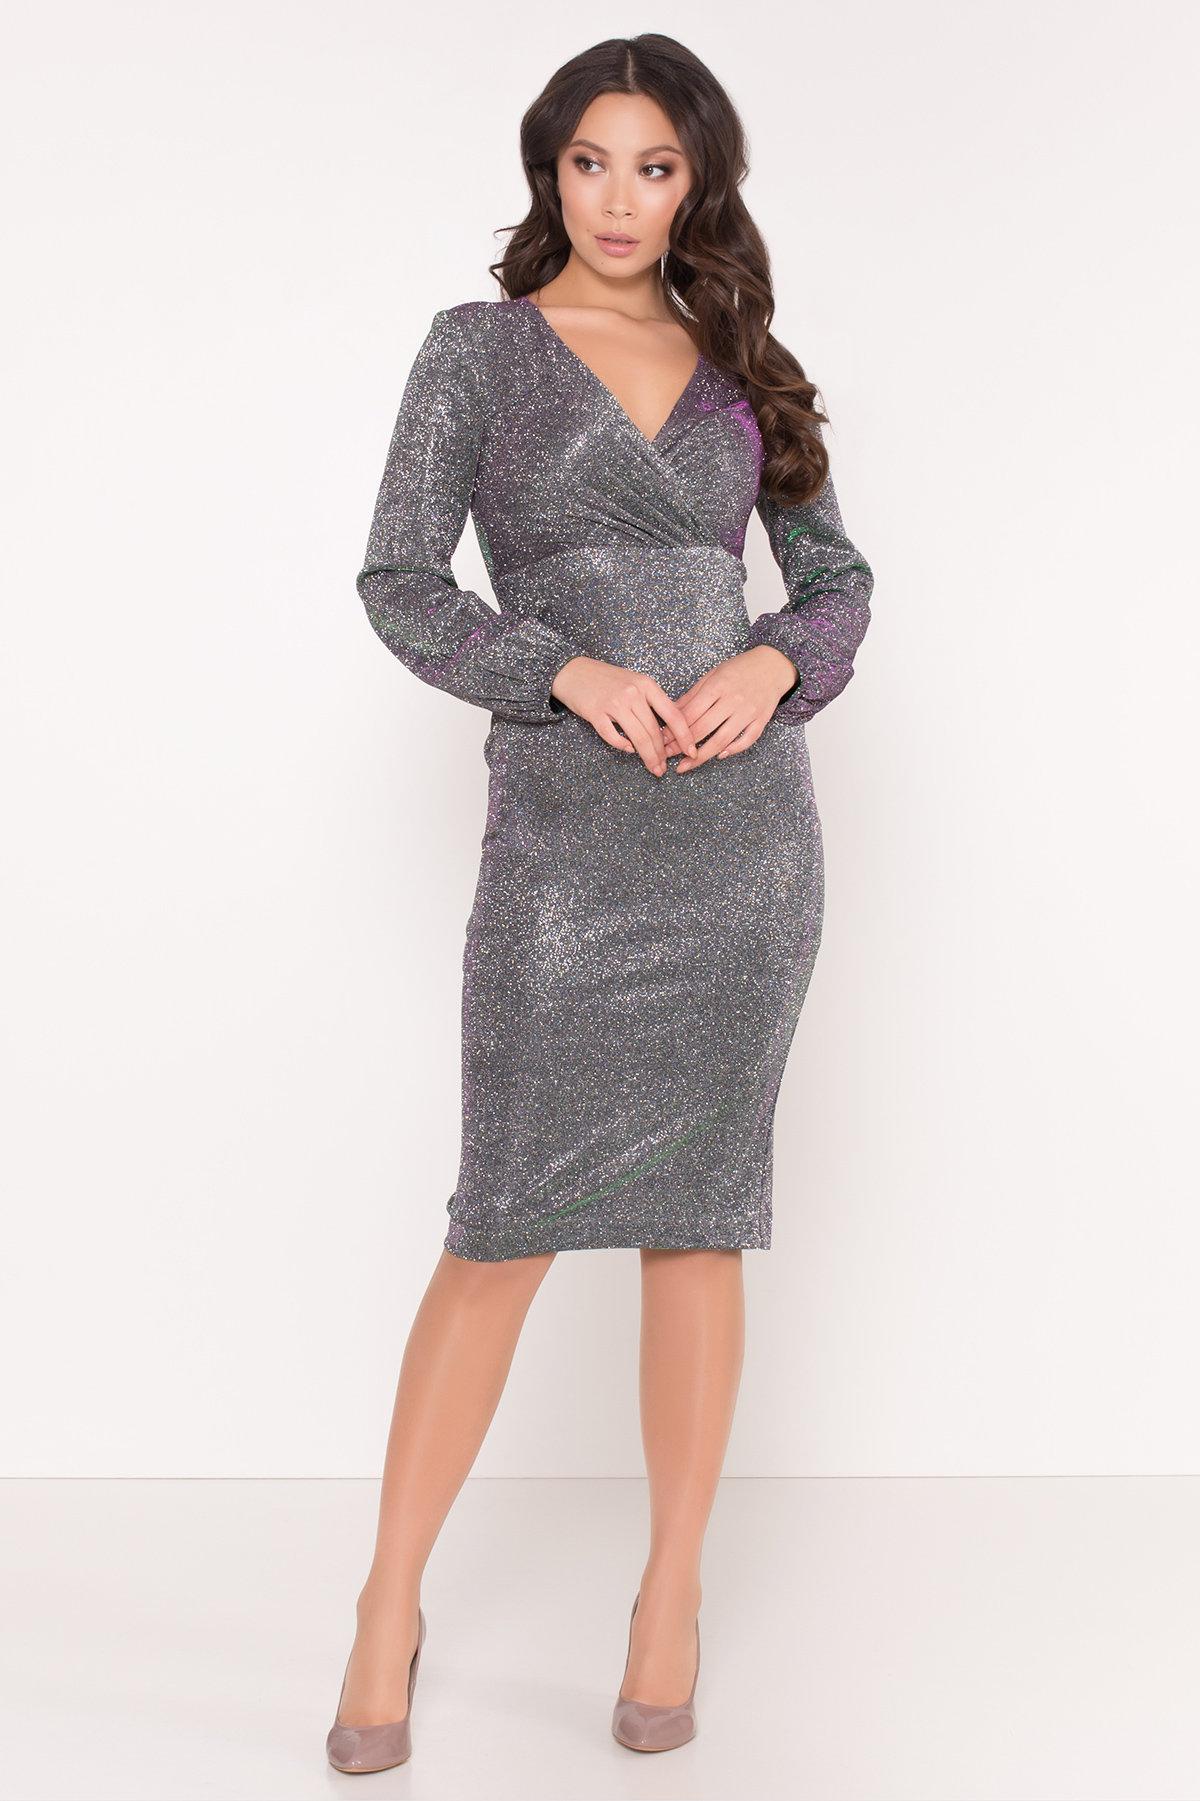 Нарядное платье с люрексом Фаселис 8527 АРТ. 44893 Цвет: Серебро/изумруд/розовый - фото 2, интернет магазин tm-modus.ru